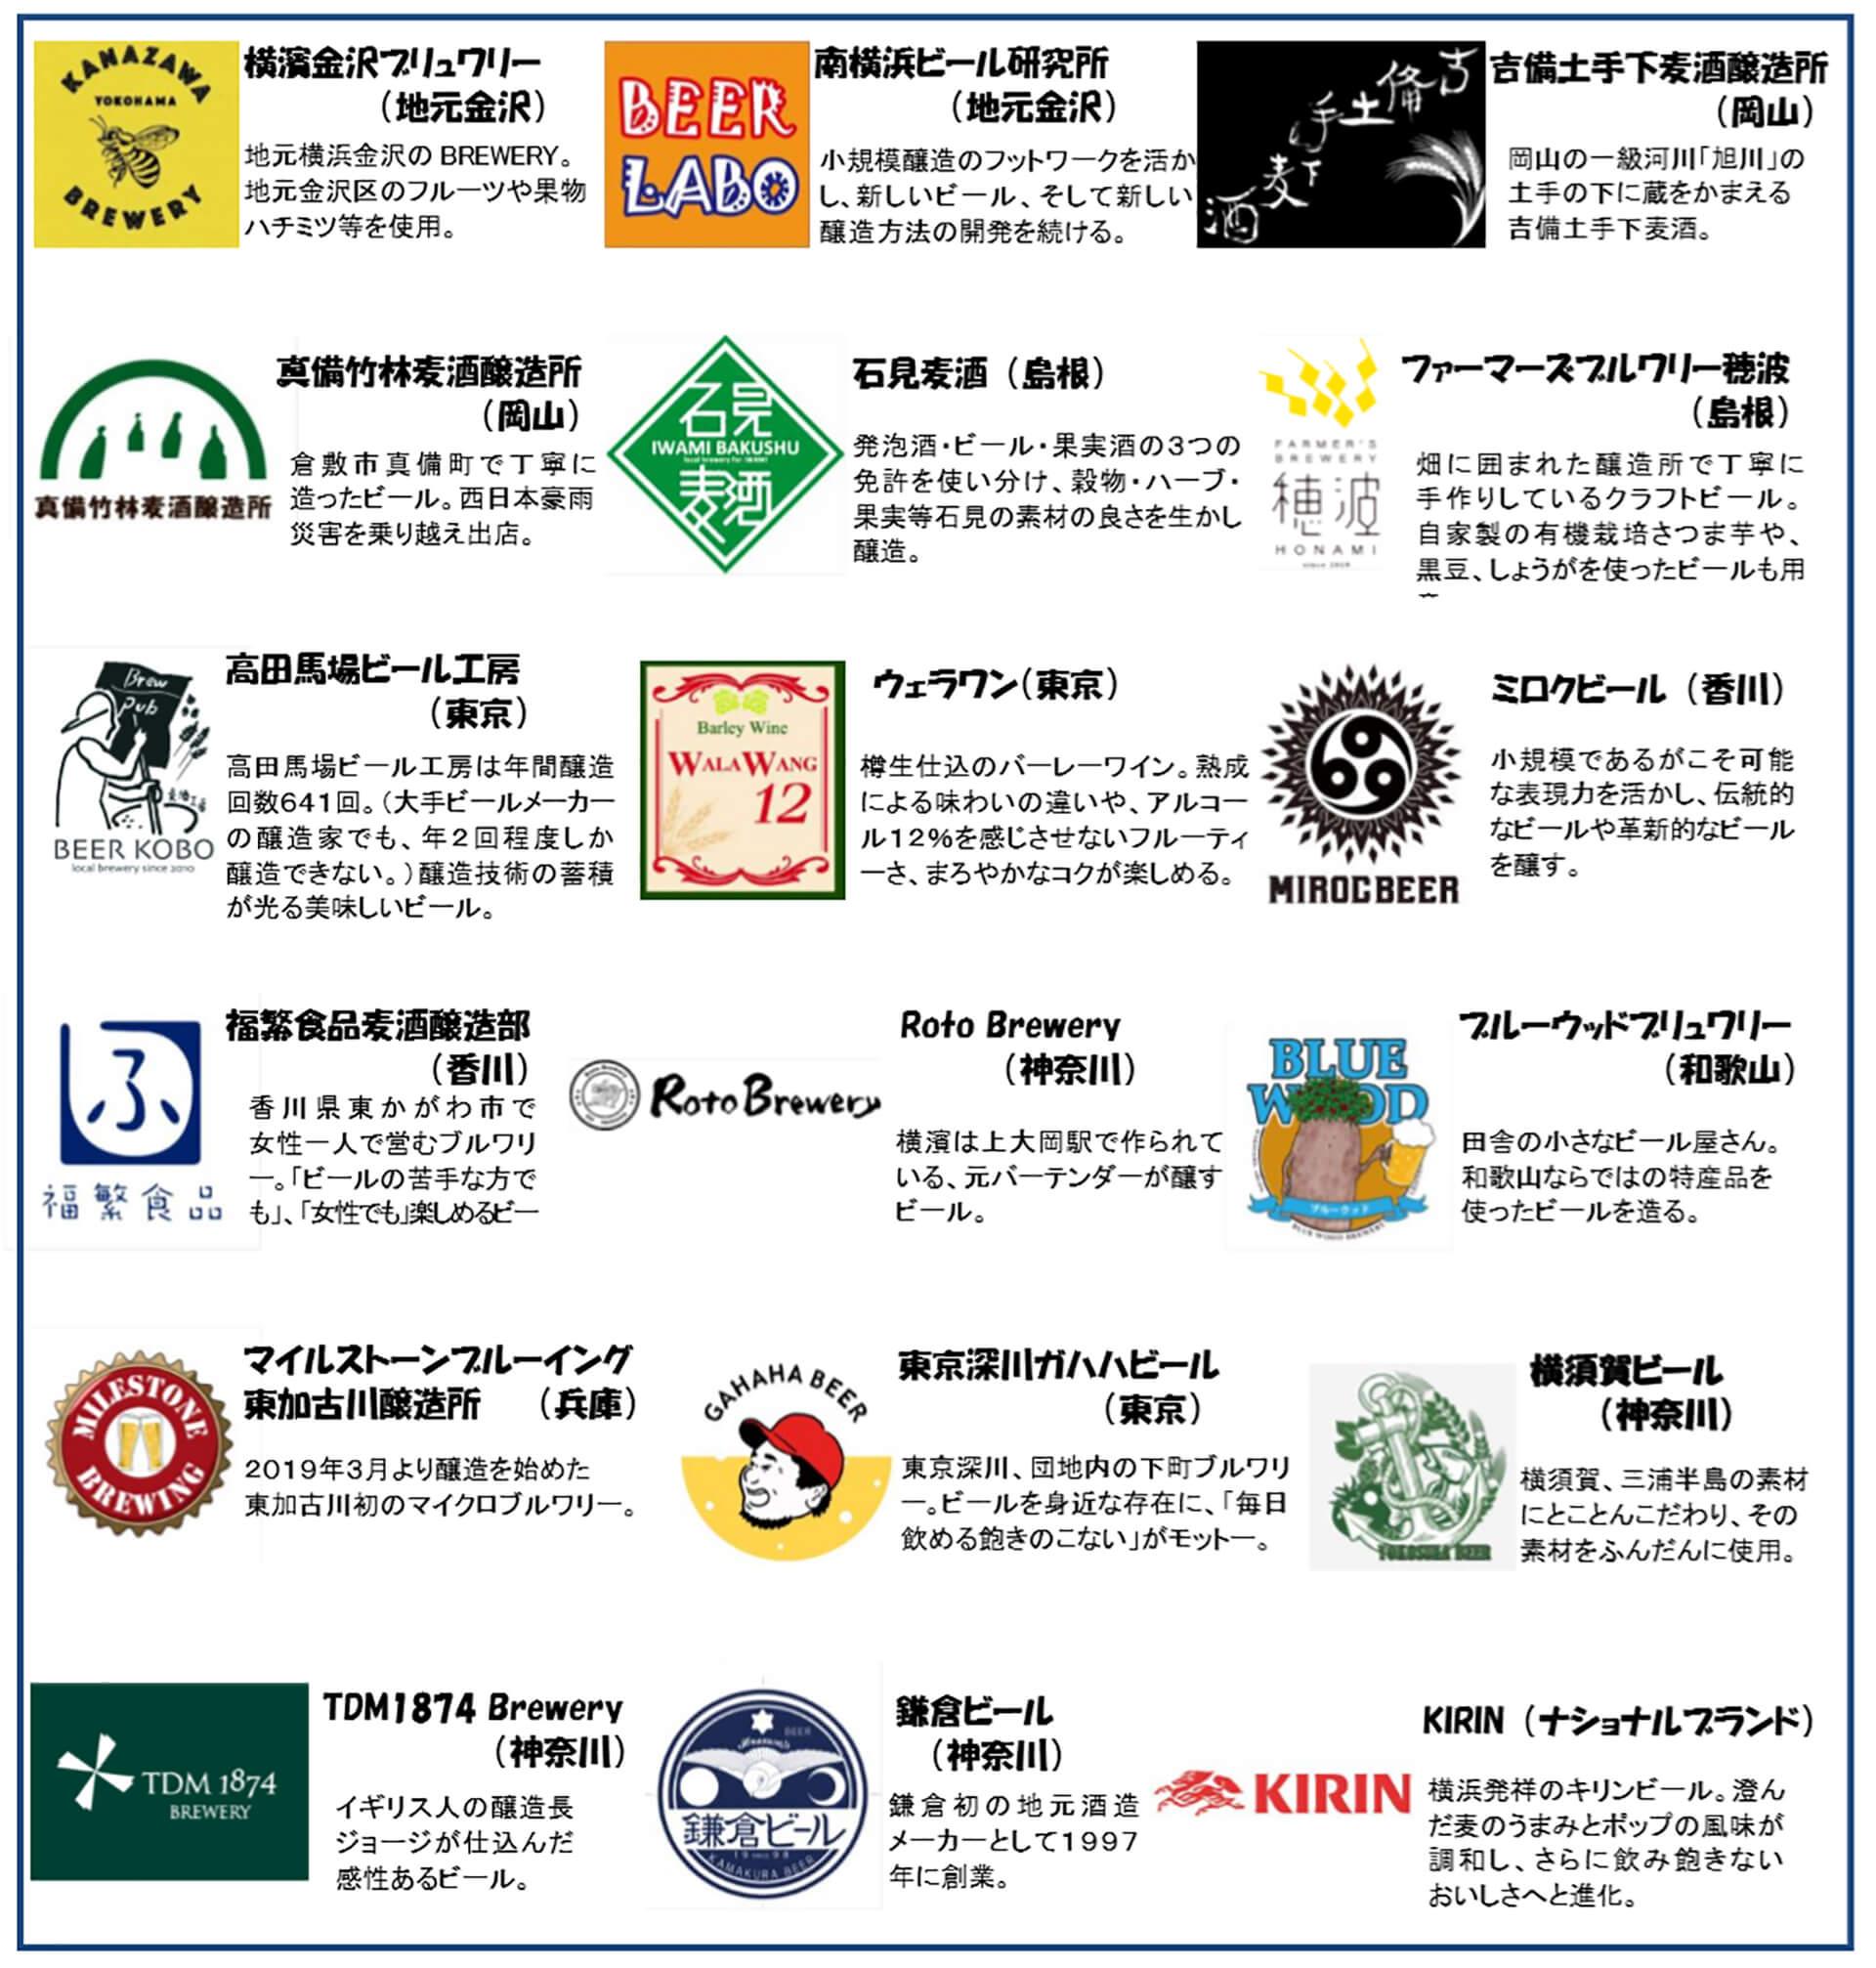 横浜金沢クラフトビールandグルメフェスタ2019出典ビール